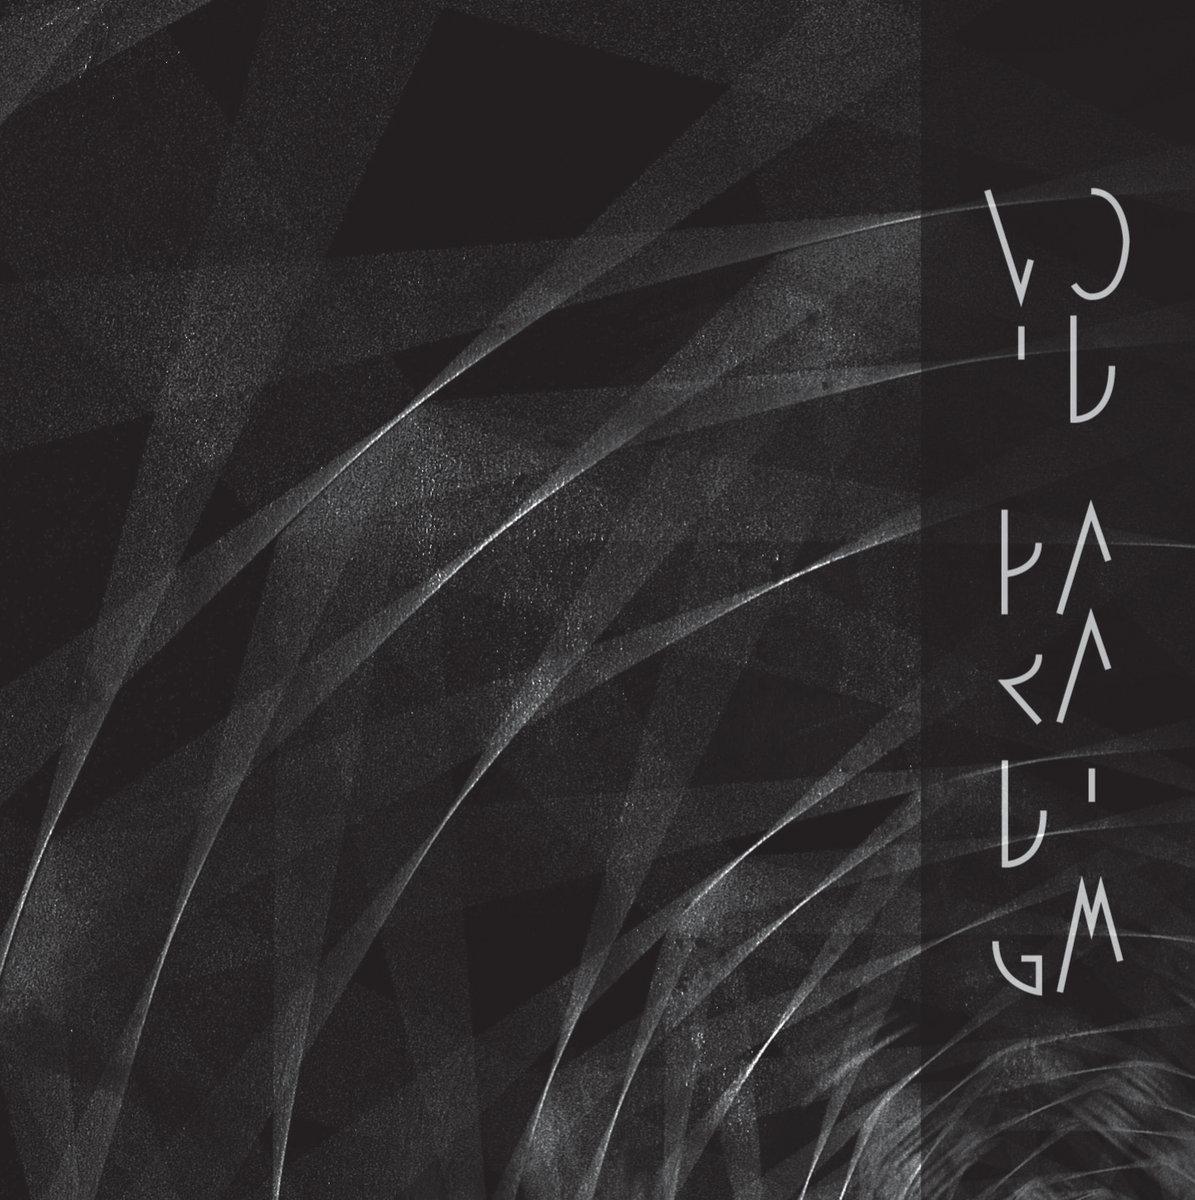 Void Paradigm - Void Paradigm (2012)